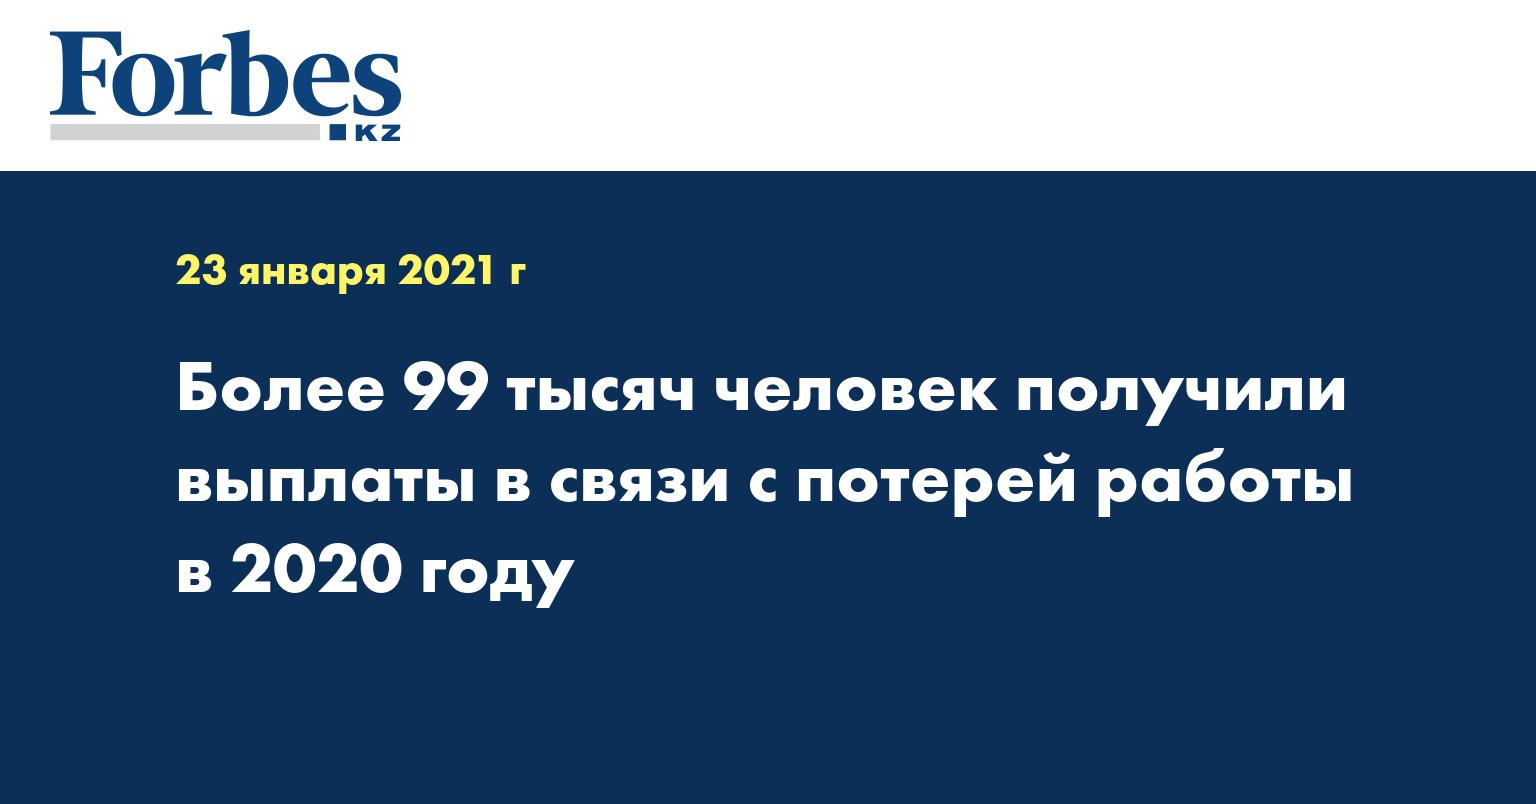 Более 99 тысяч человек получили выплаты в связи с потерей работы в 2020 году